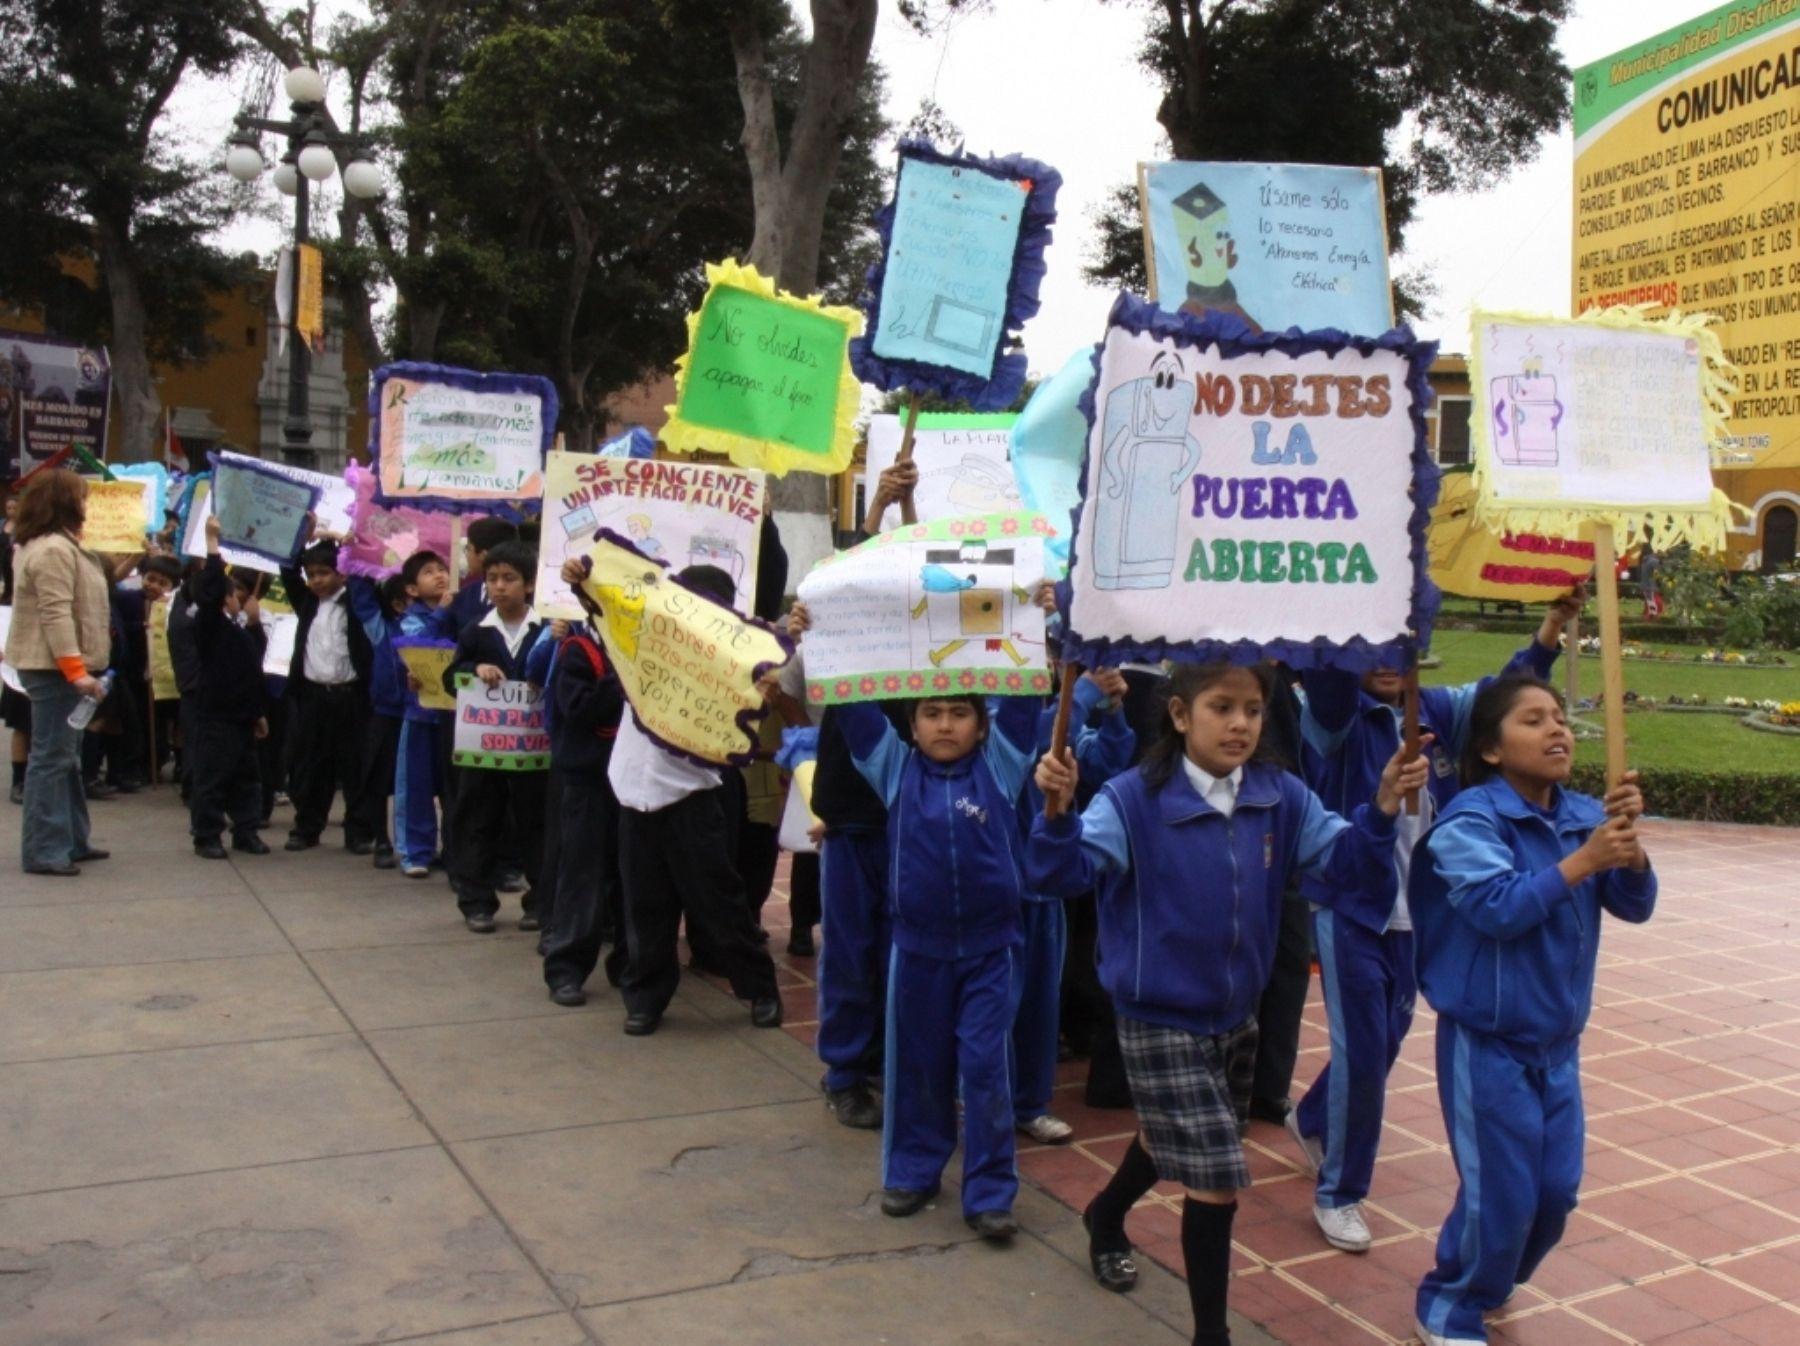 Escolares desfilaron hoy pidiendo ahorro de energía. Foto: Difusión